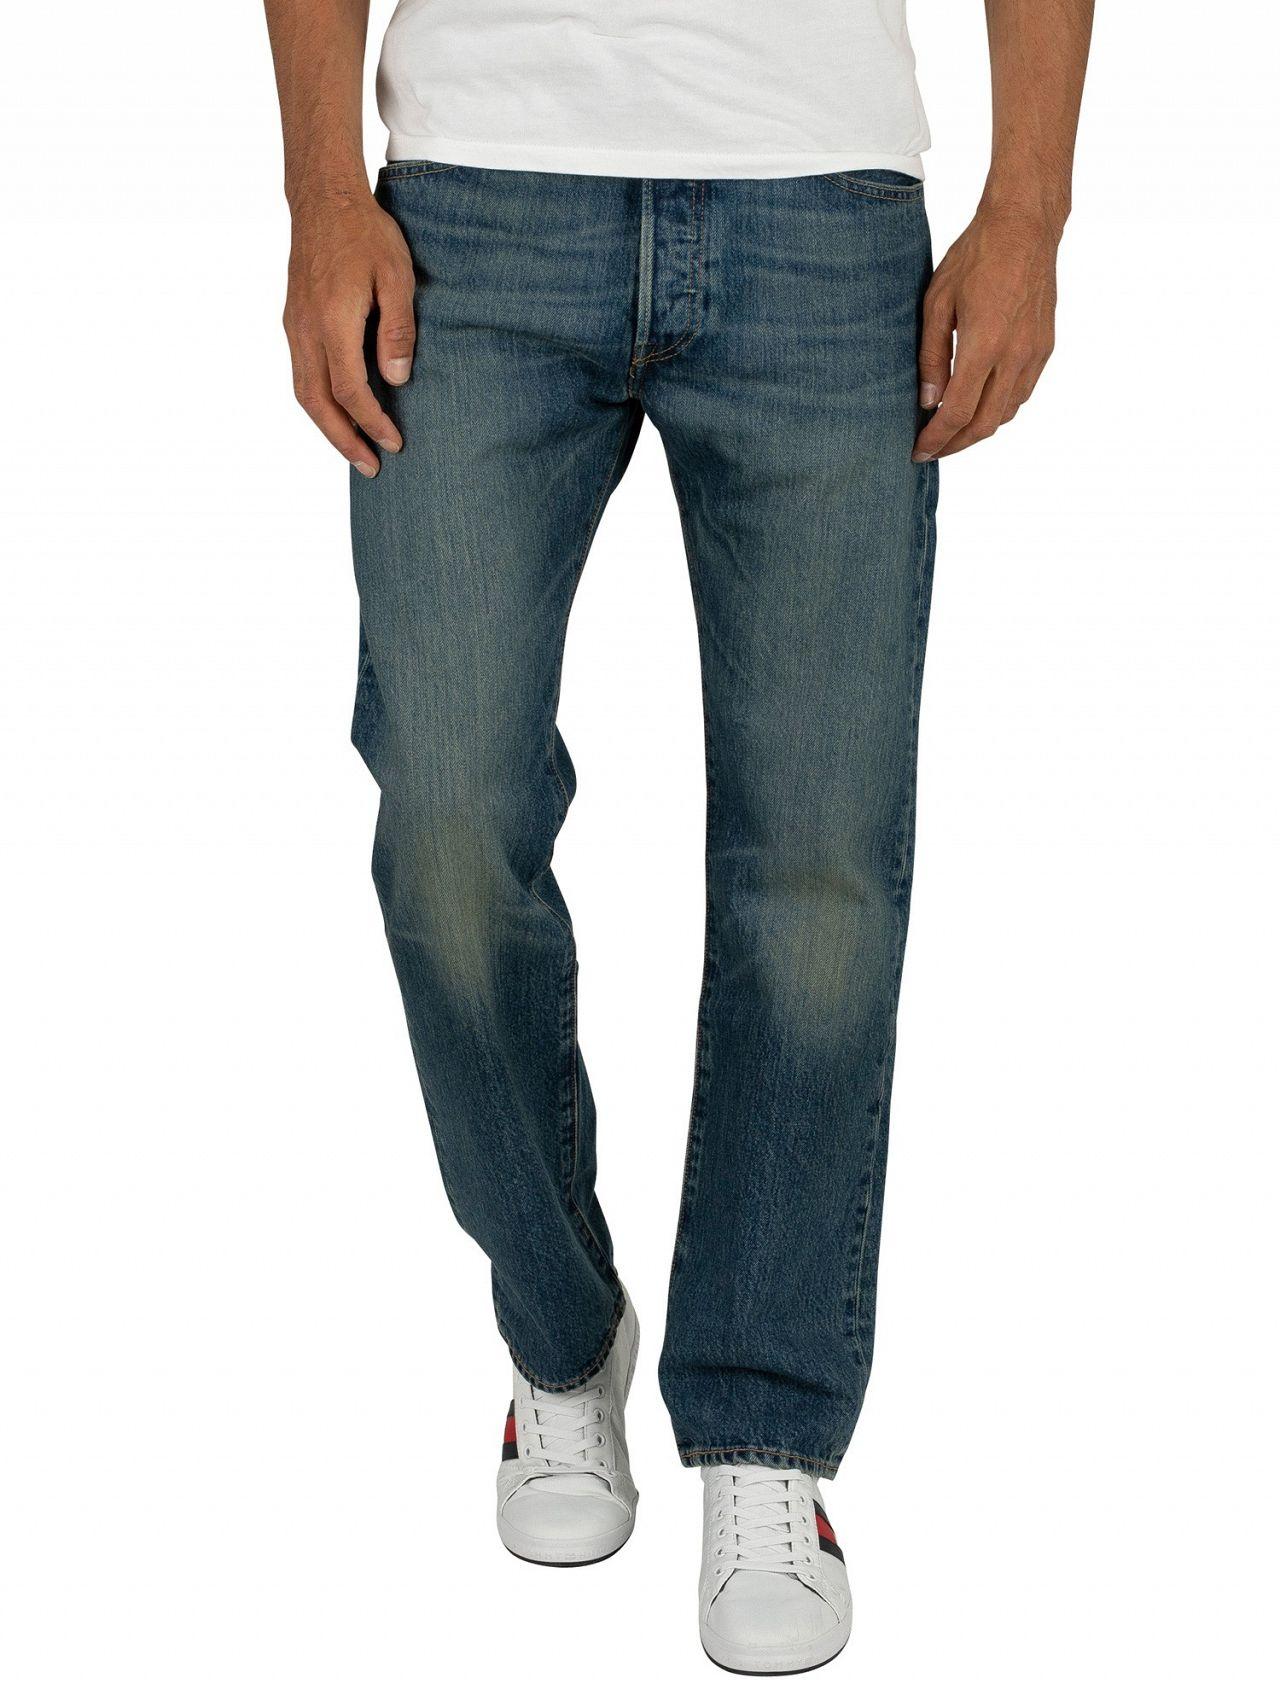 0b1072d4de6 Levi's Hook Wash 501 Regular Fit Jeans | Standout